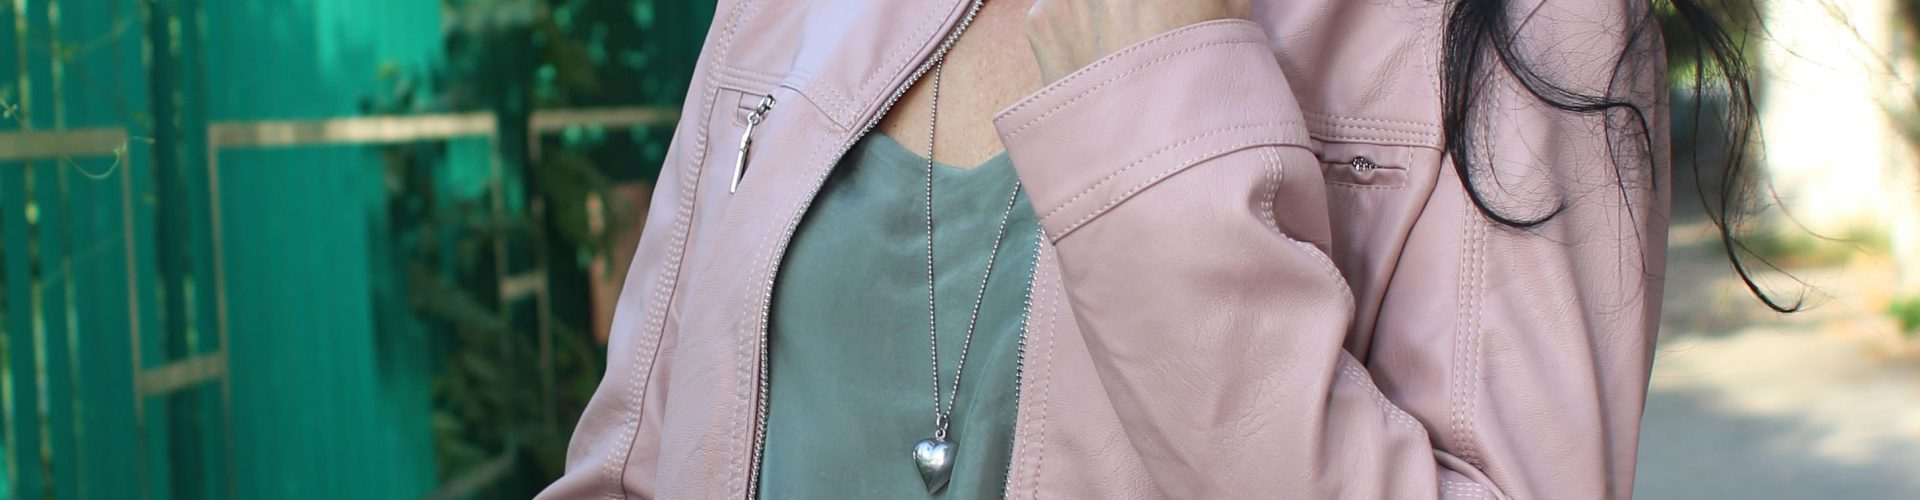 Autunno Inverno tendenze giubbotti: giacche, piumini e parka